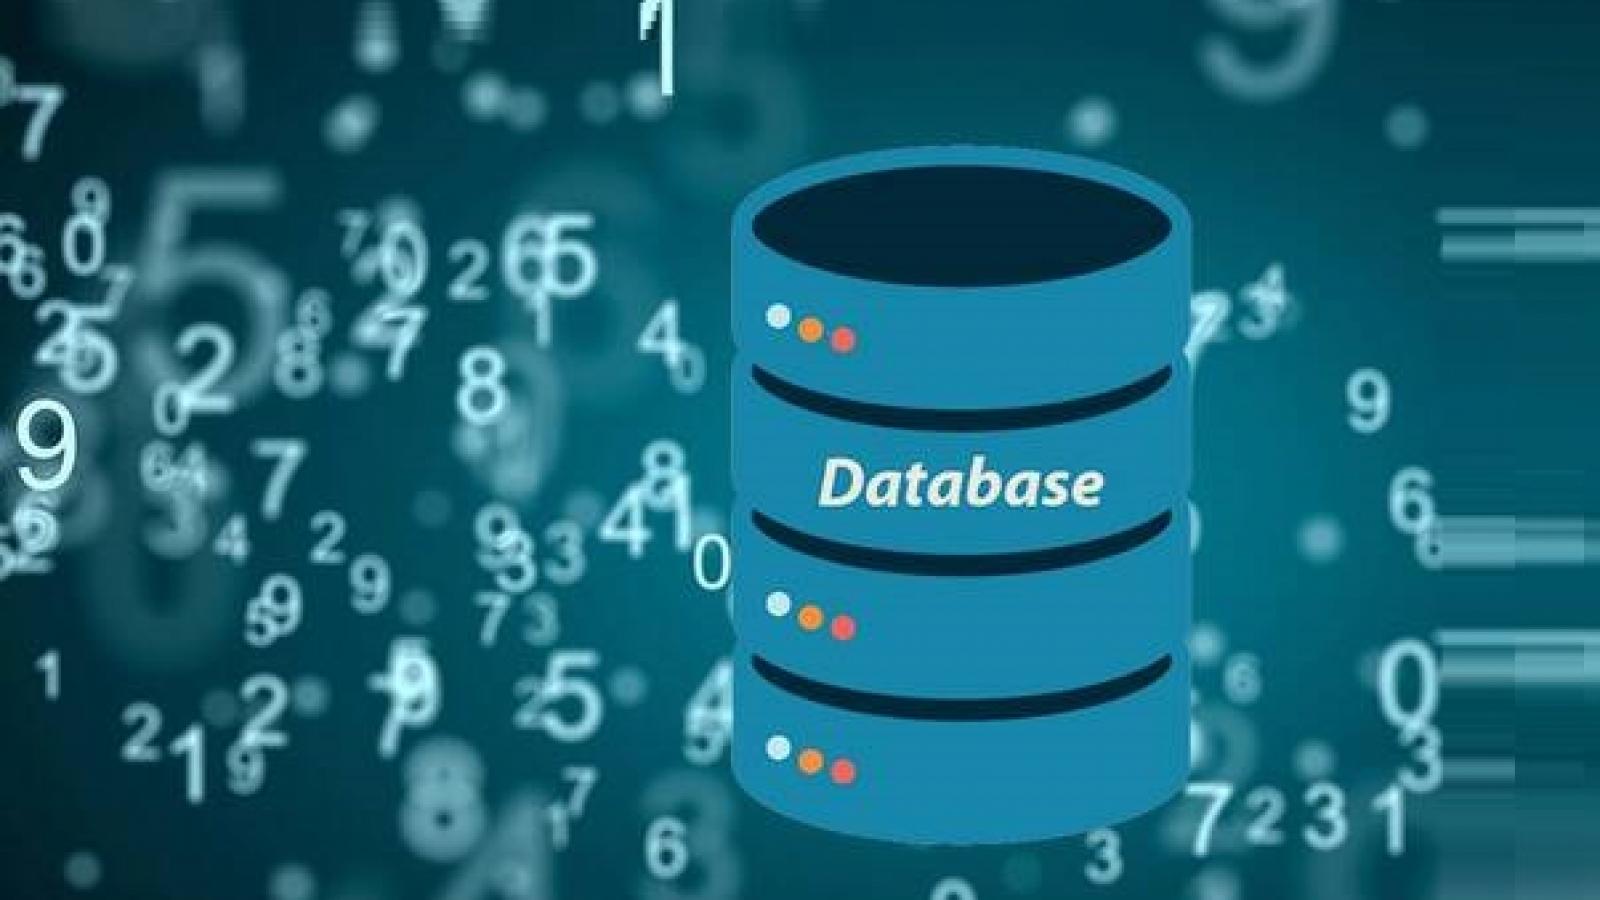 پایگاه داده بانک اطلاعاتی